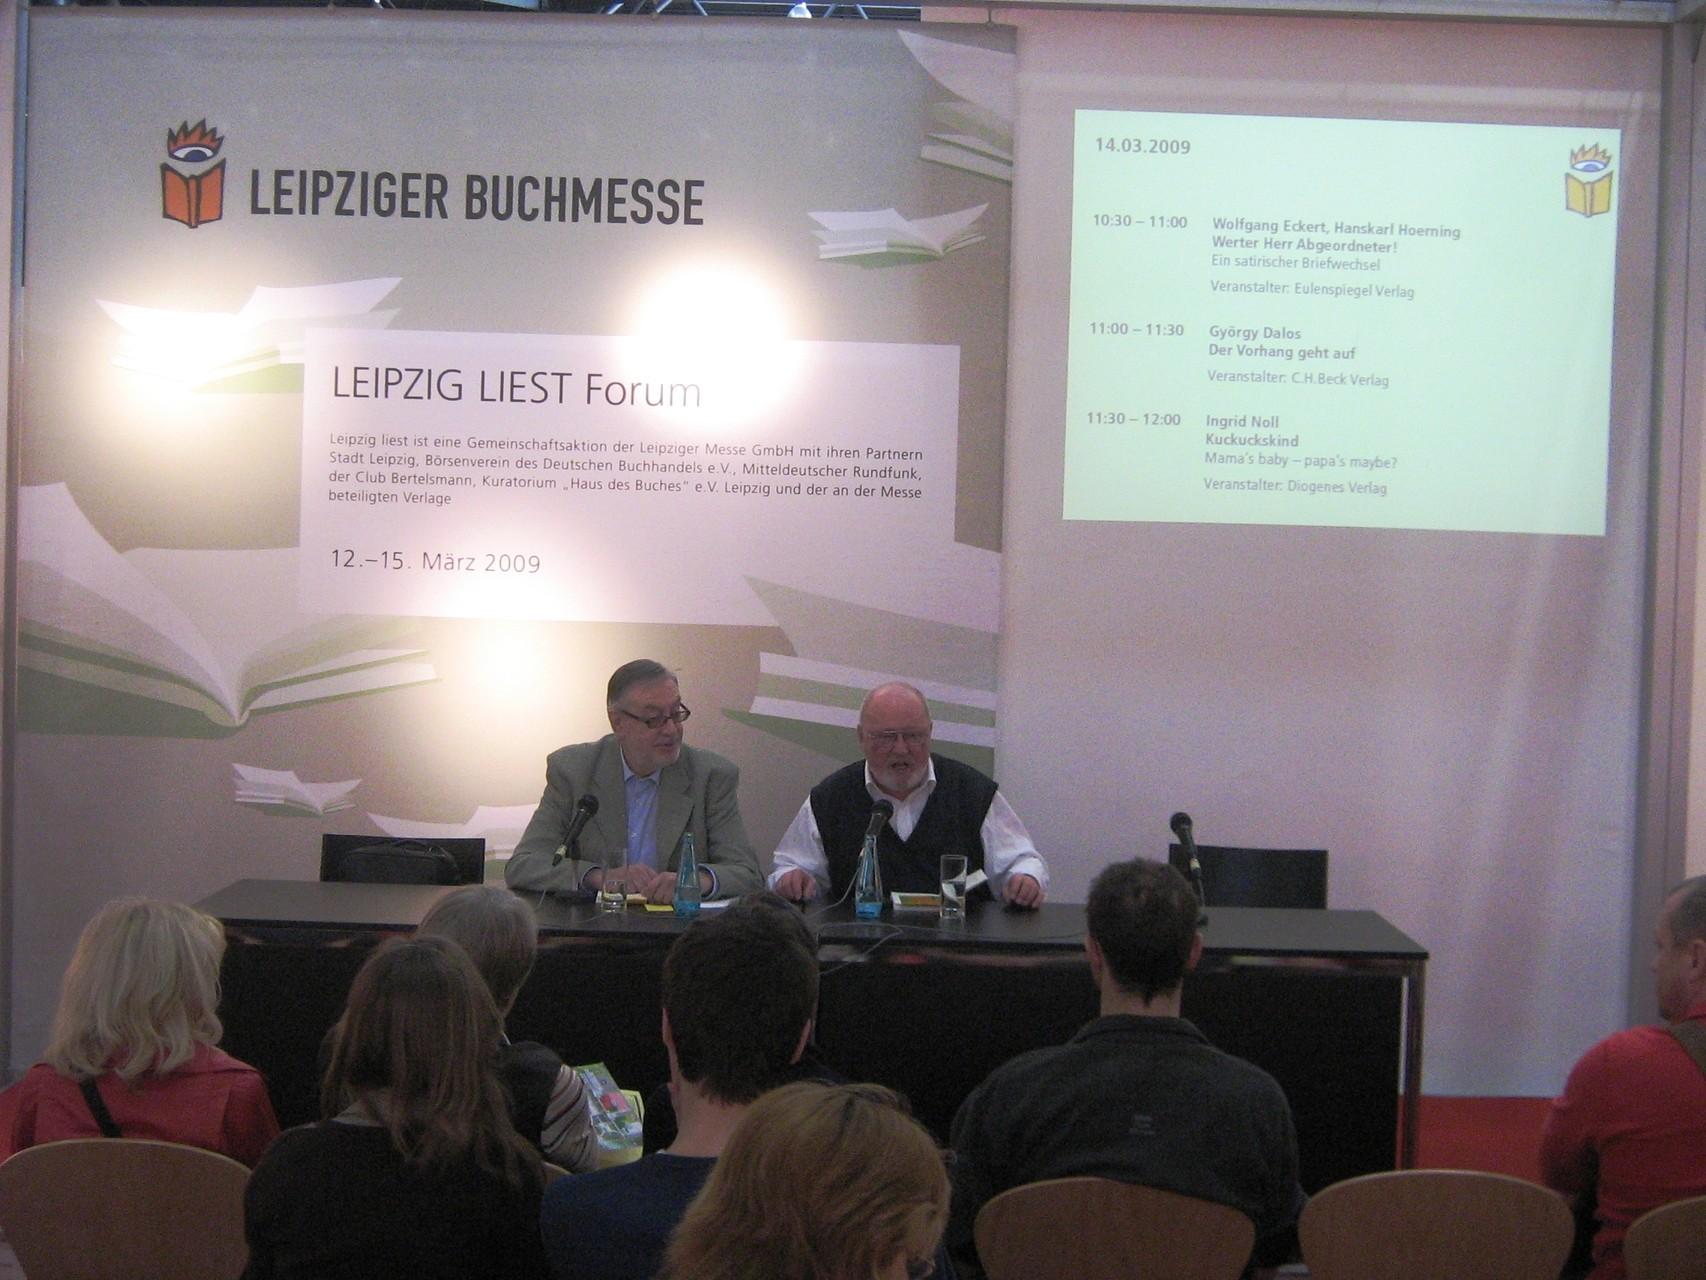 Leipziger Buchmesse mit Hanskarl Hoerning